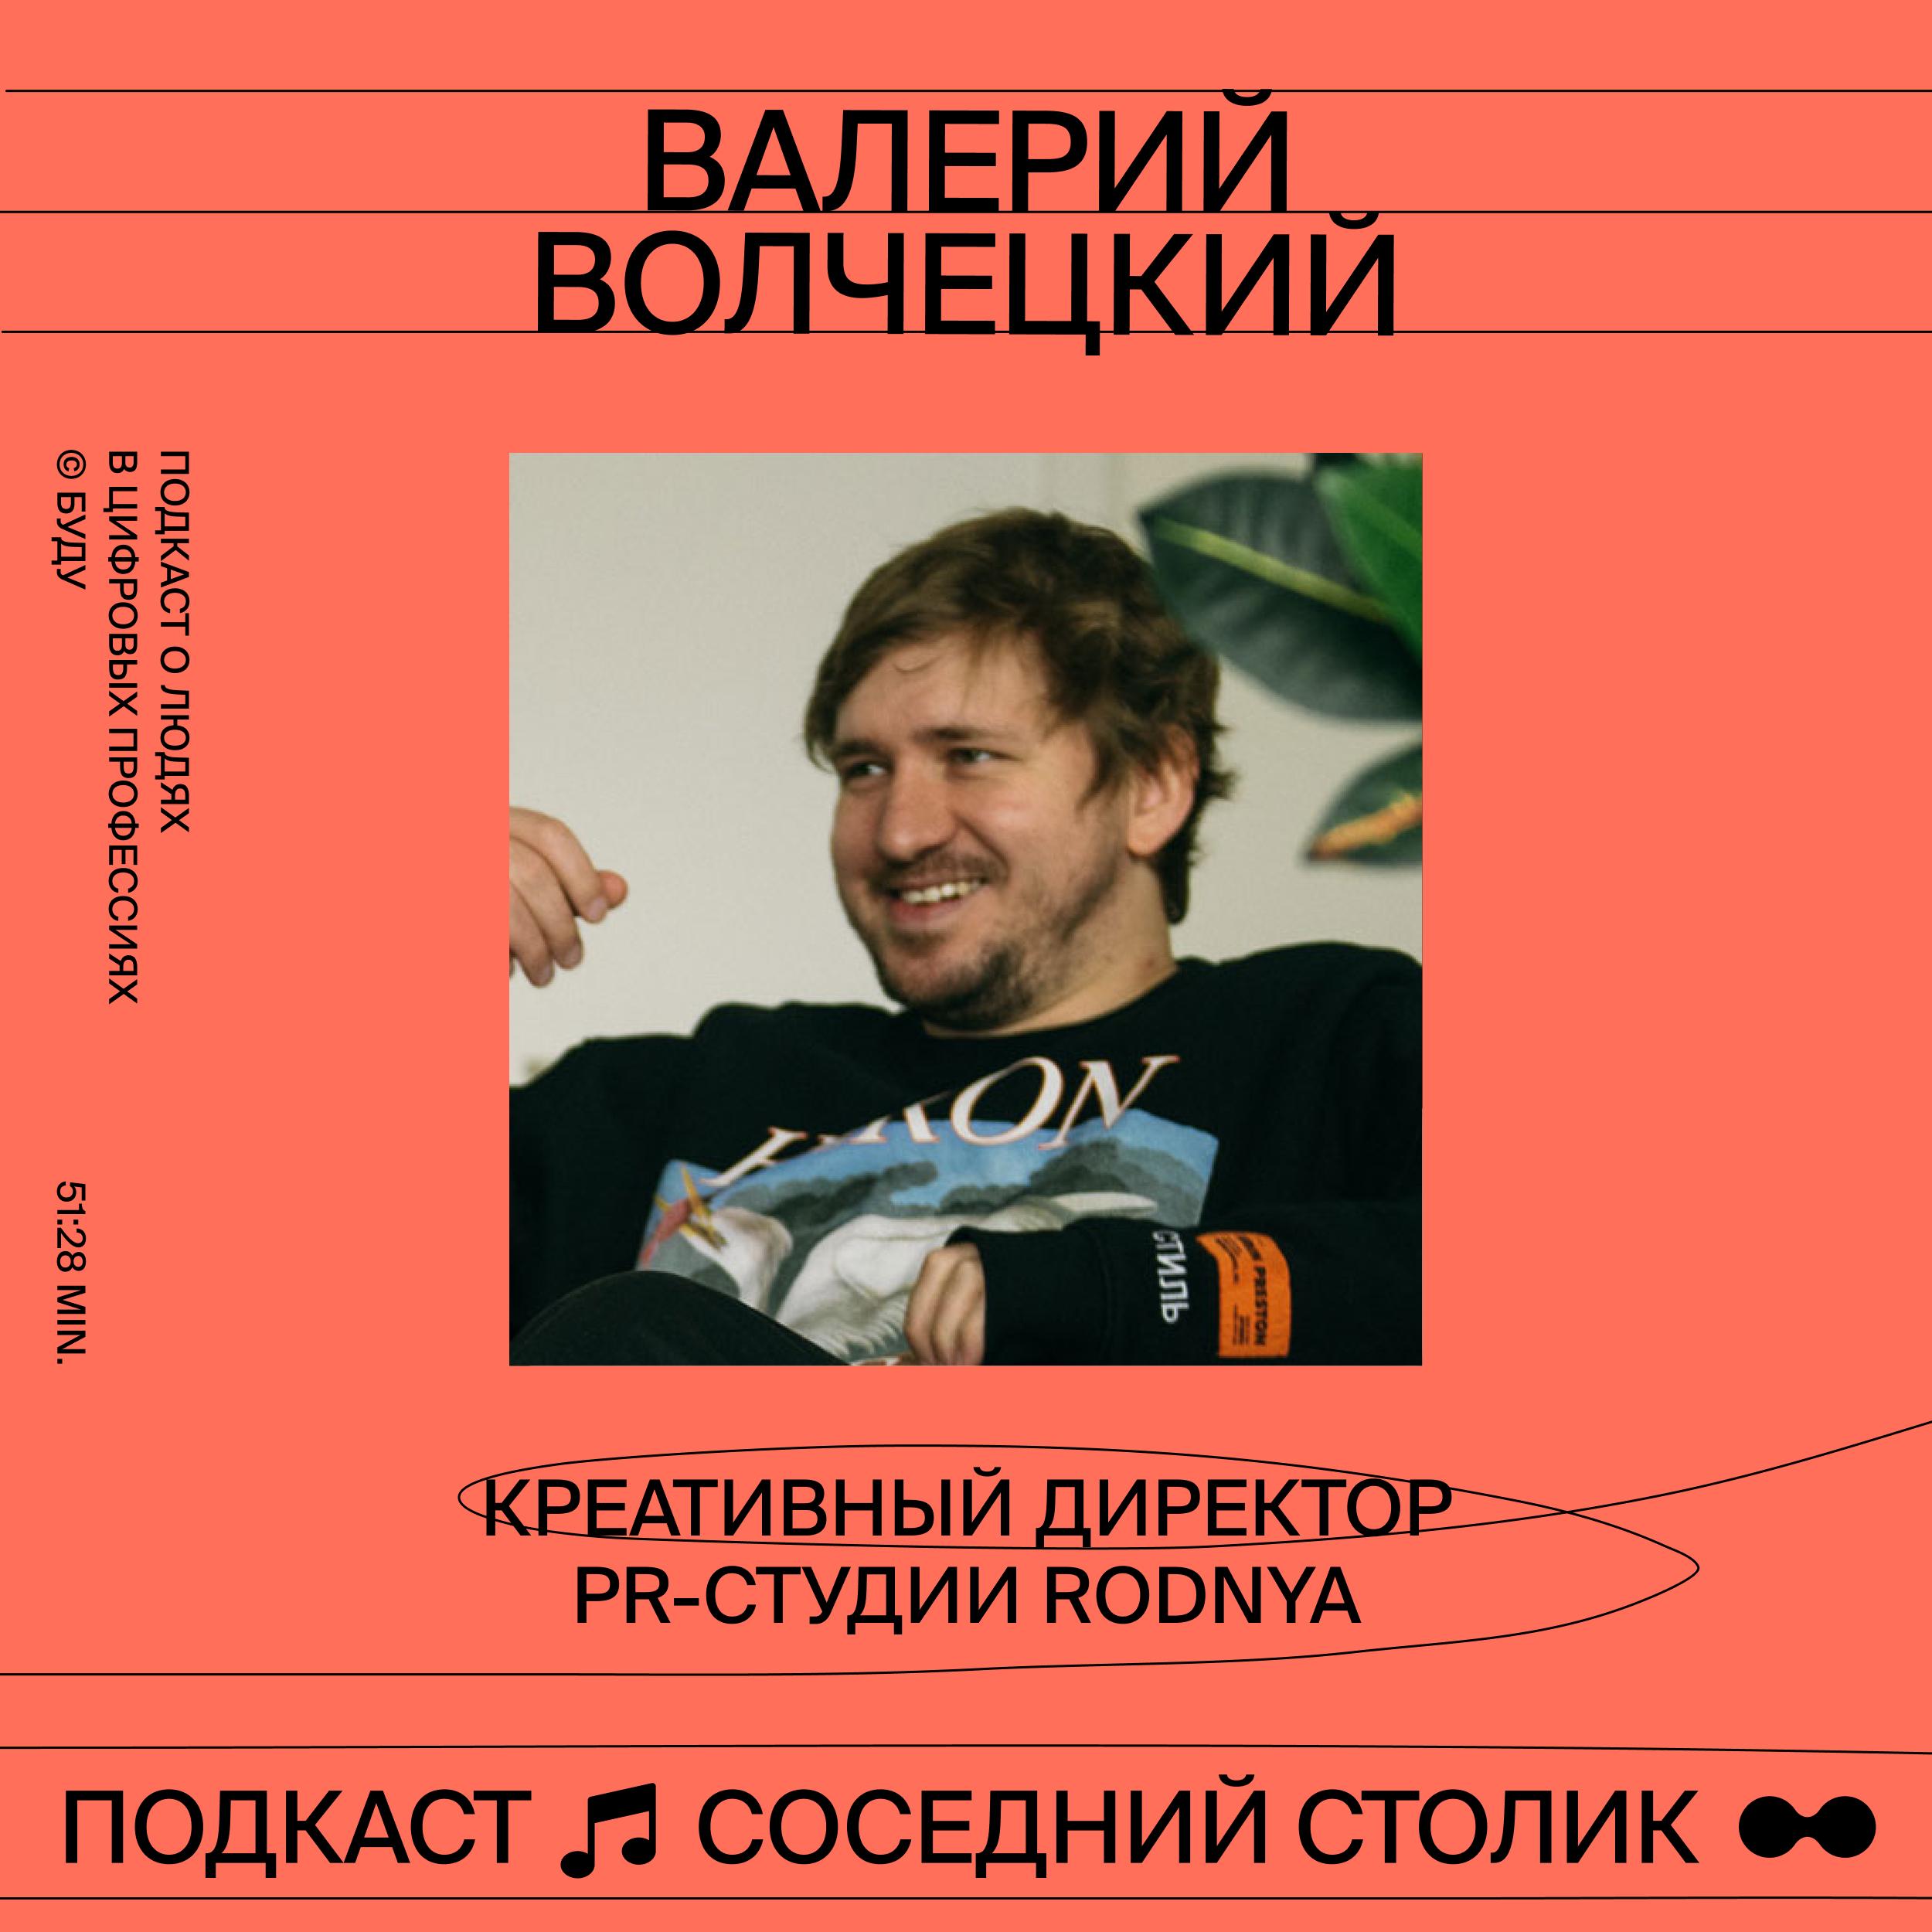 Валерий Волчецкий: брейнштормы, карьера в креативе, работа в агентстве